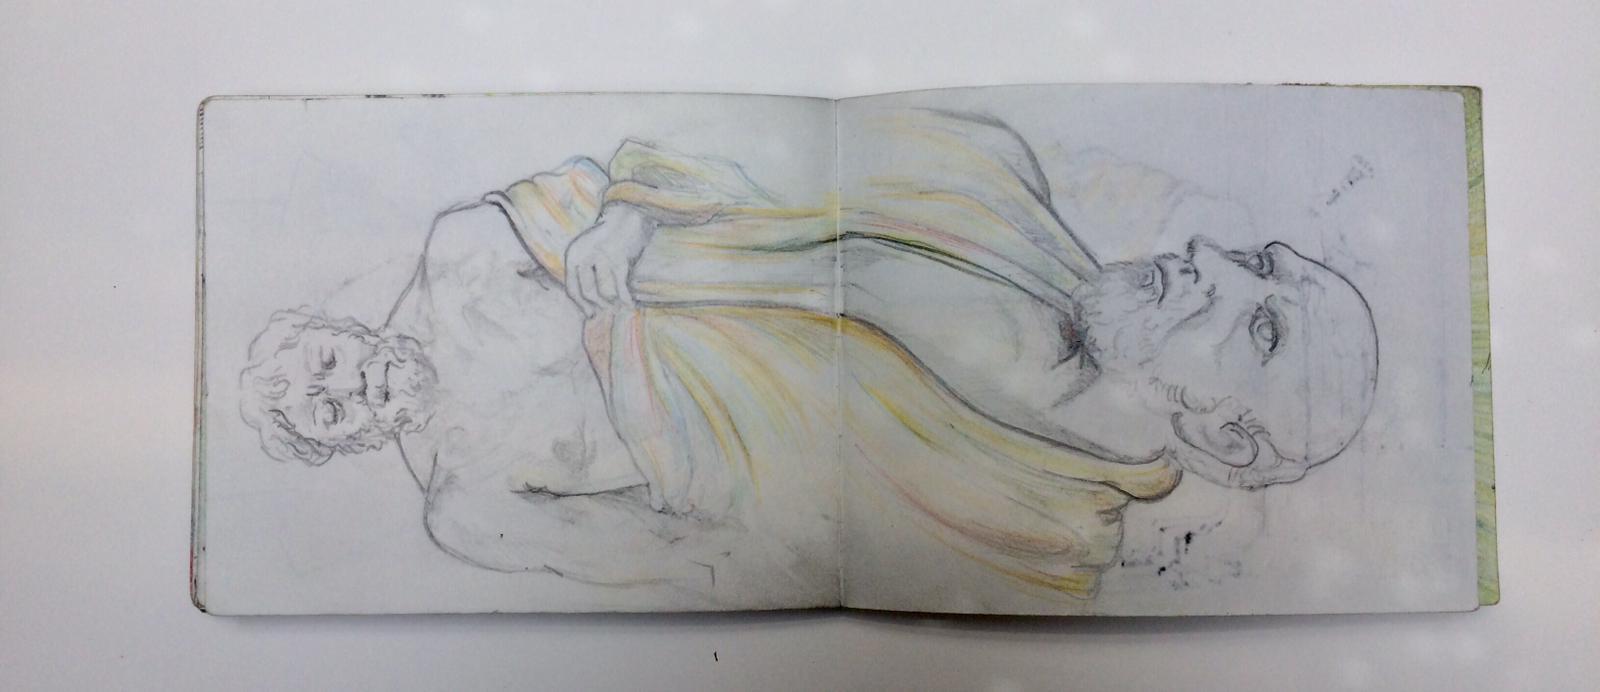 werkstatt-eden-lis-werner-illustration-skizzenbuch18